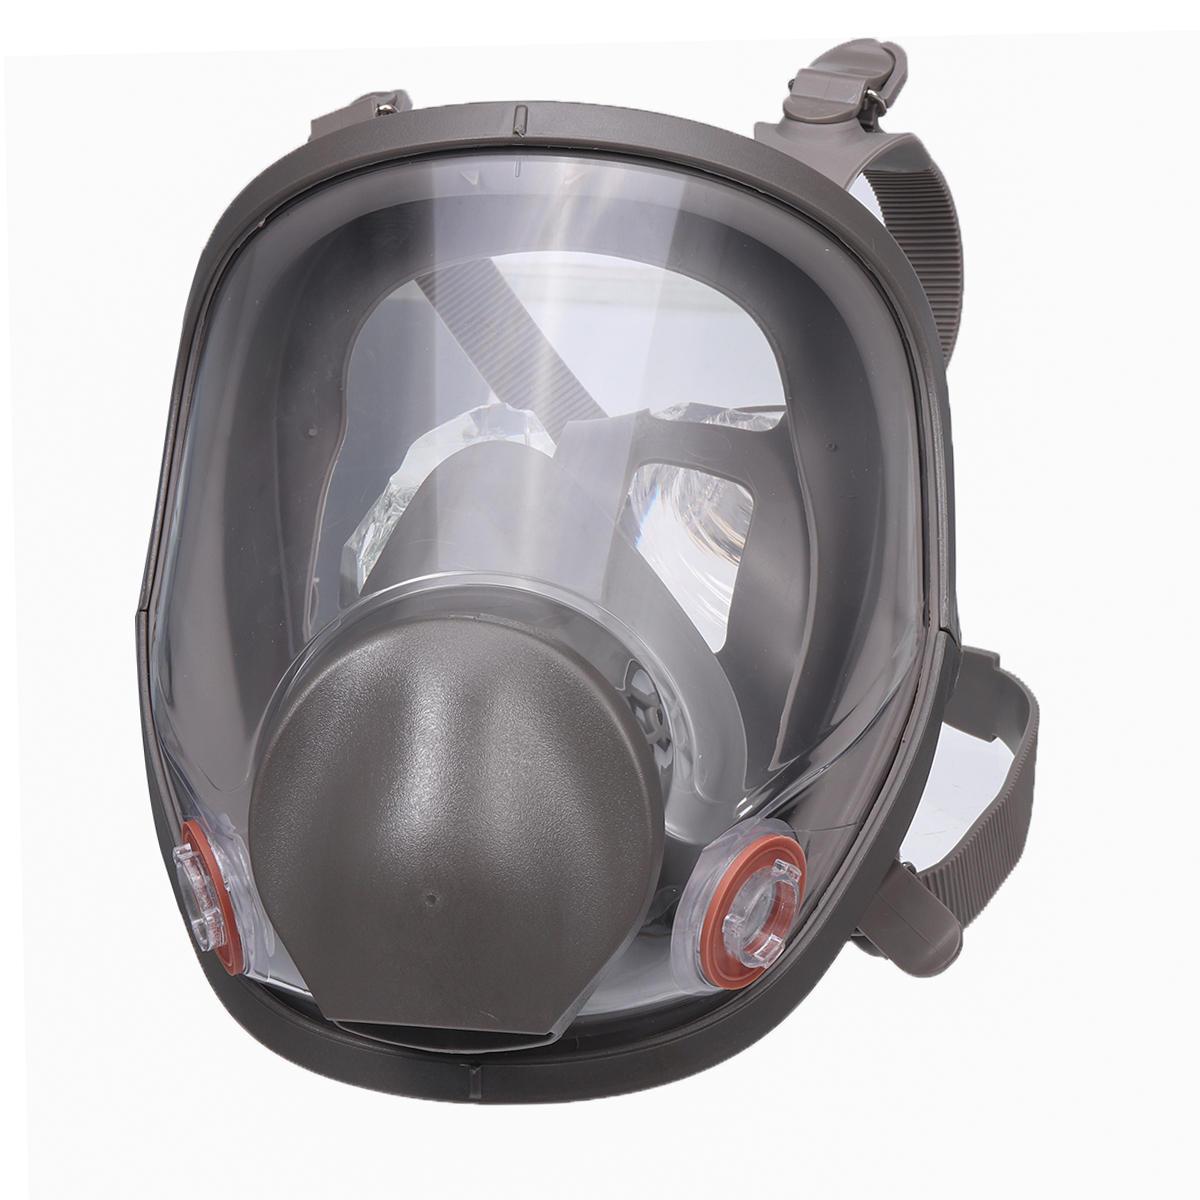 Reusable 6800 كامل الوجه قناع الغاز رش الطلاء تنفس سيليكون Facepiece